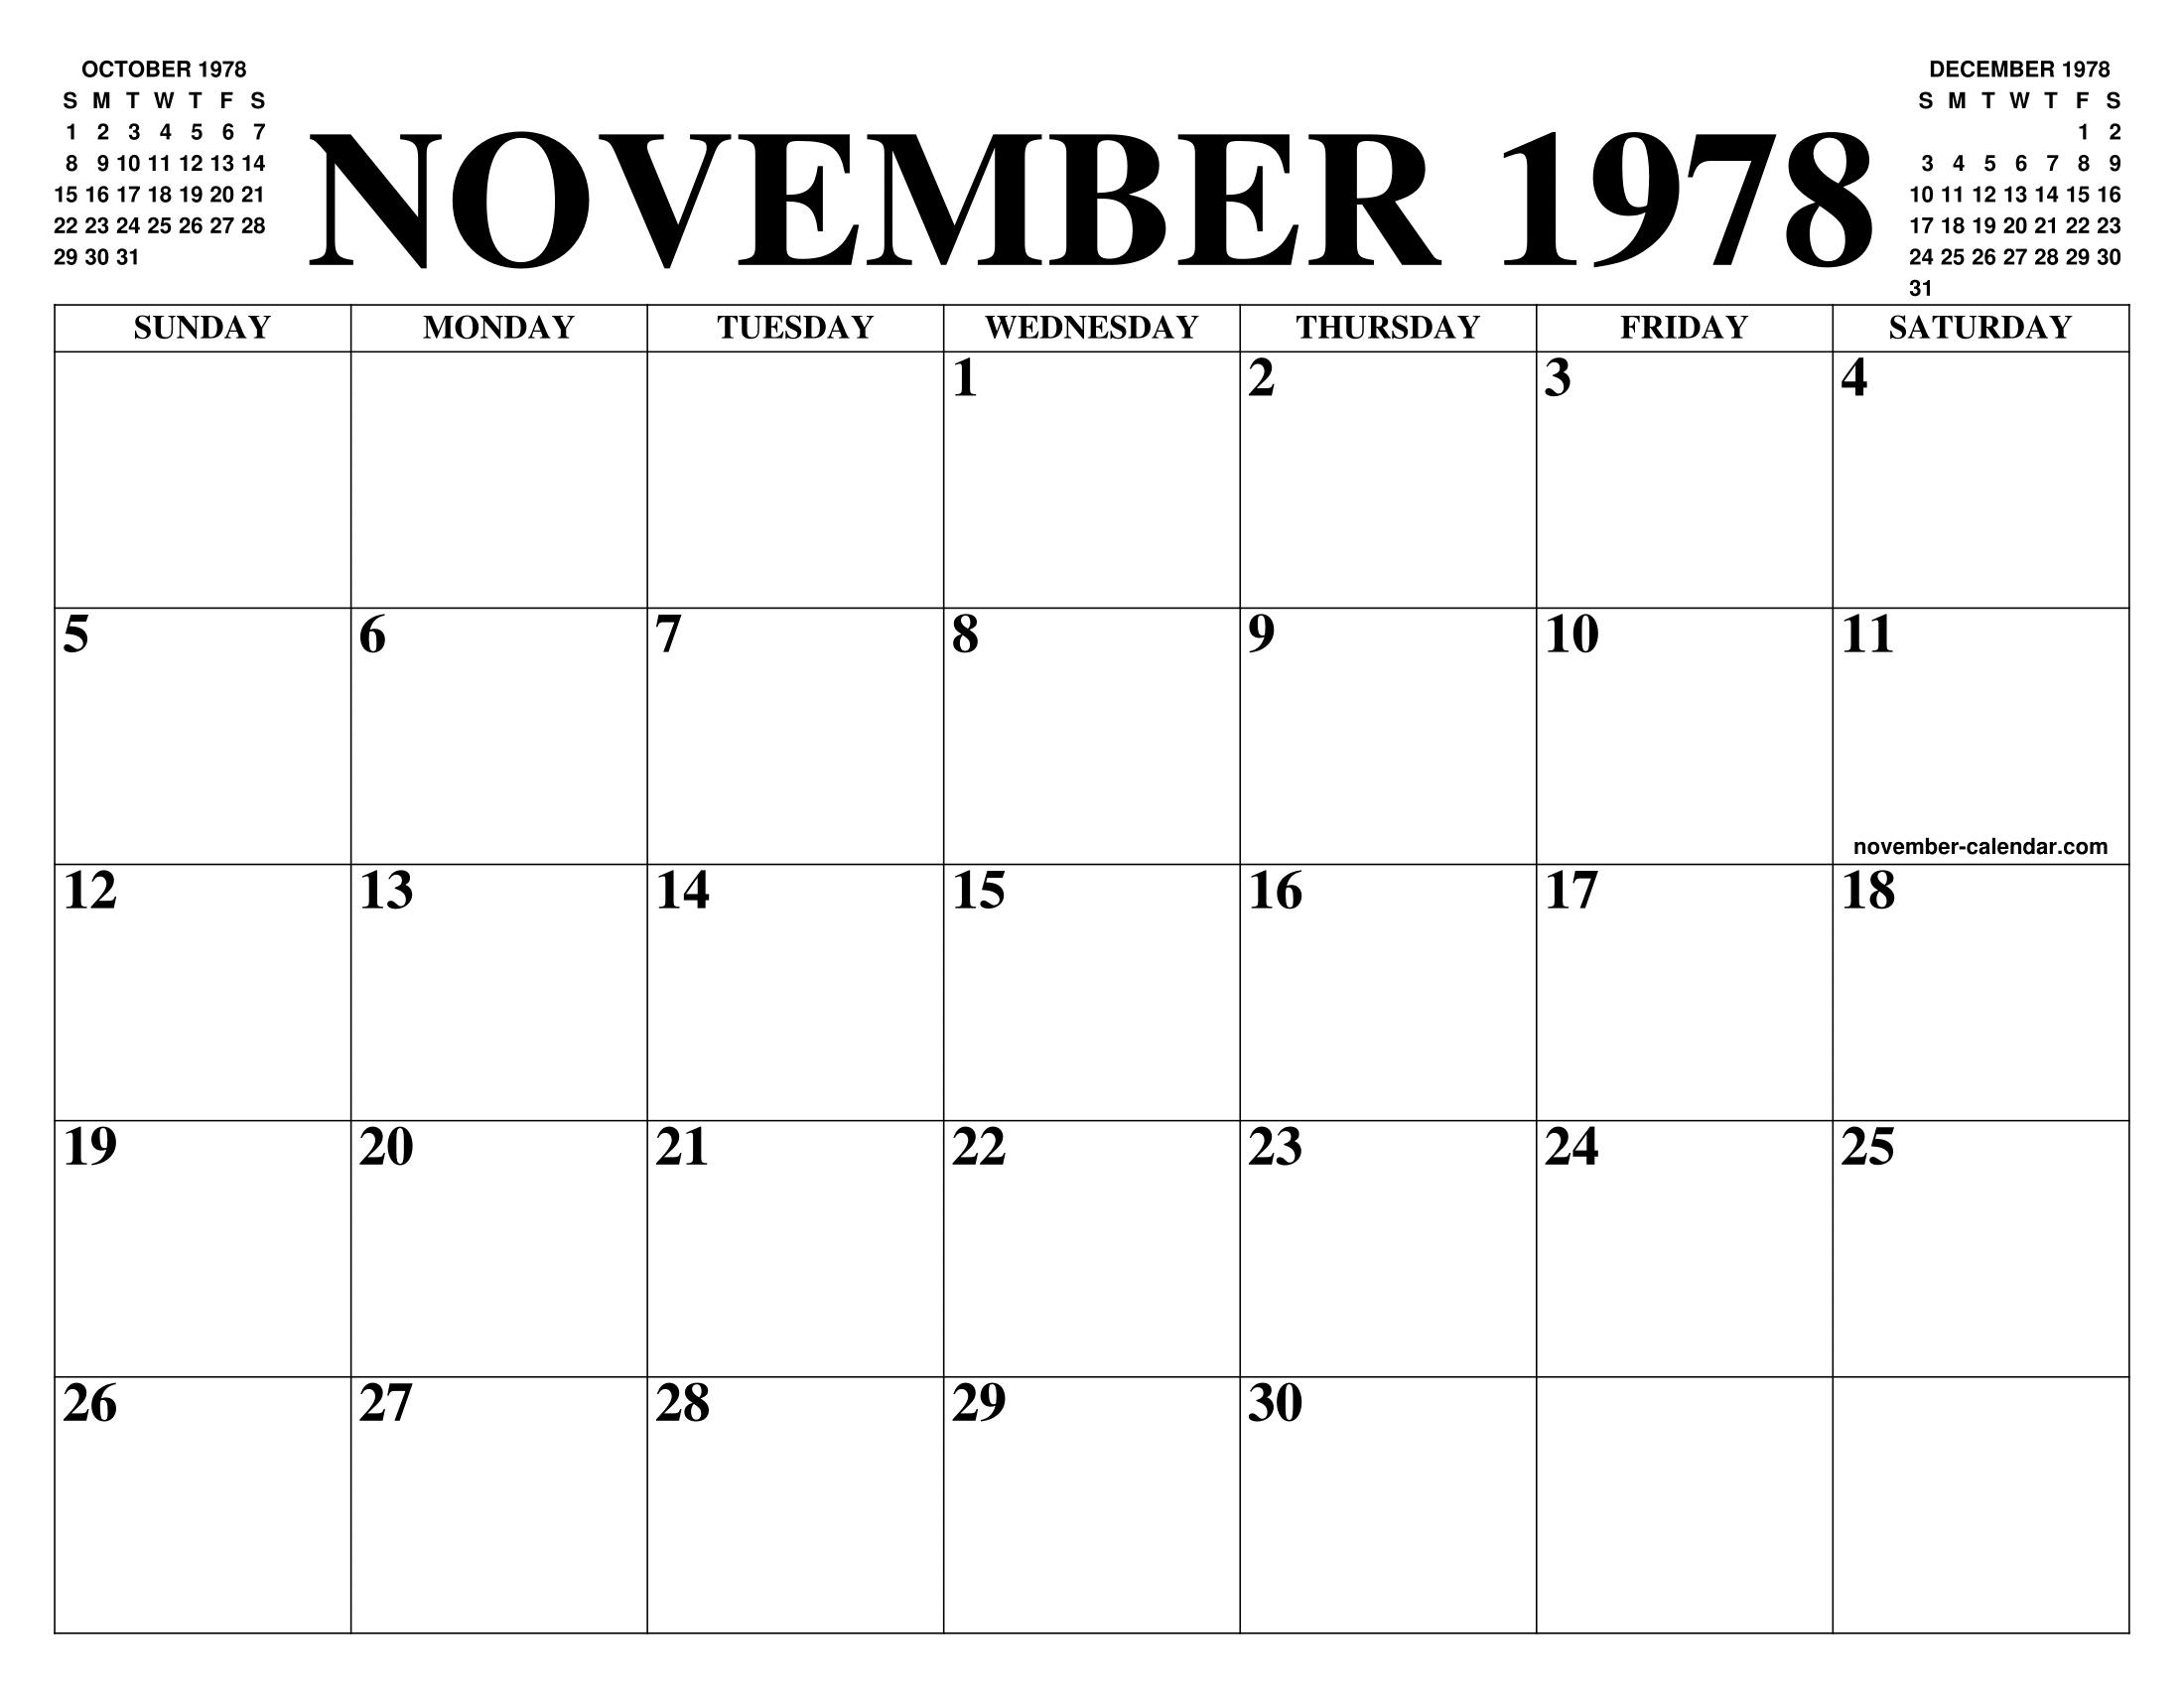 Calendario 1978.November 1978 Calendar Of The Month Free Printable November